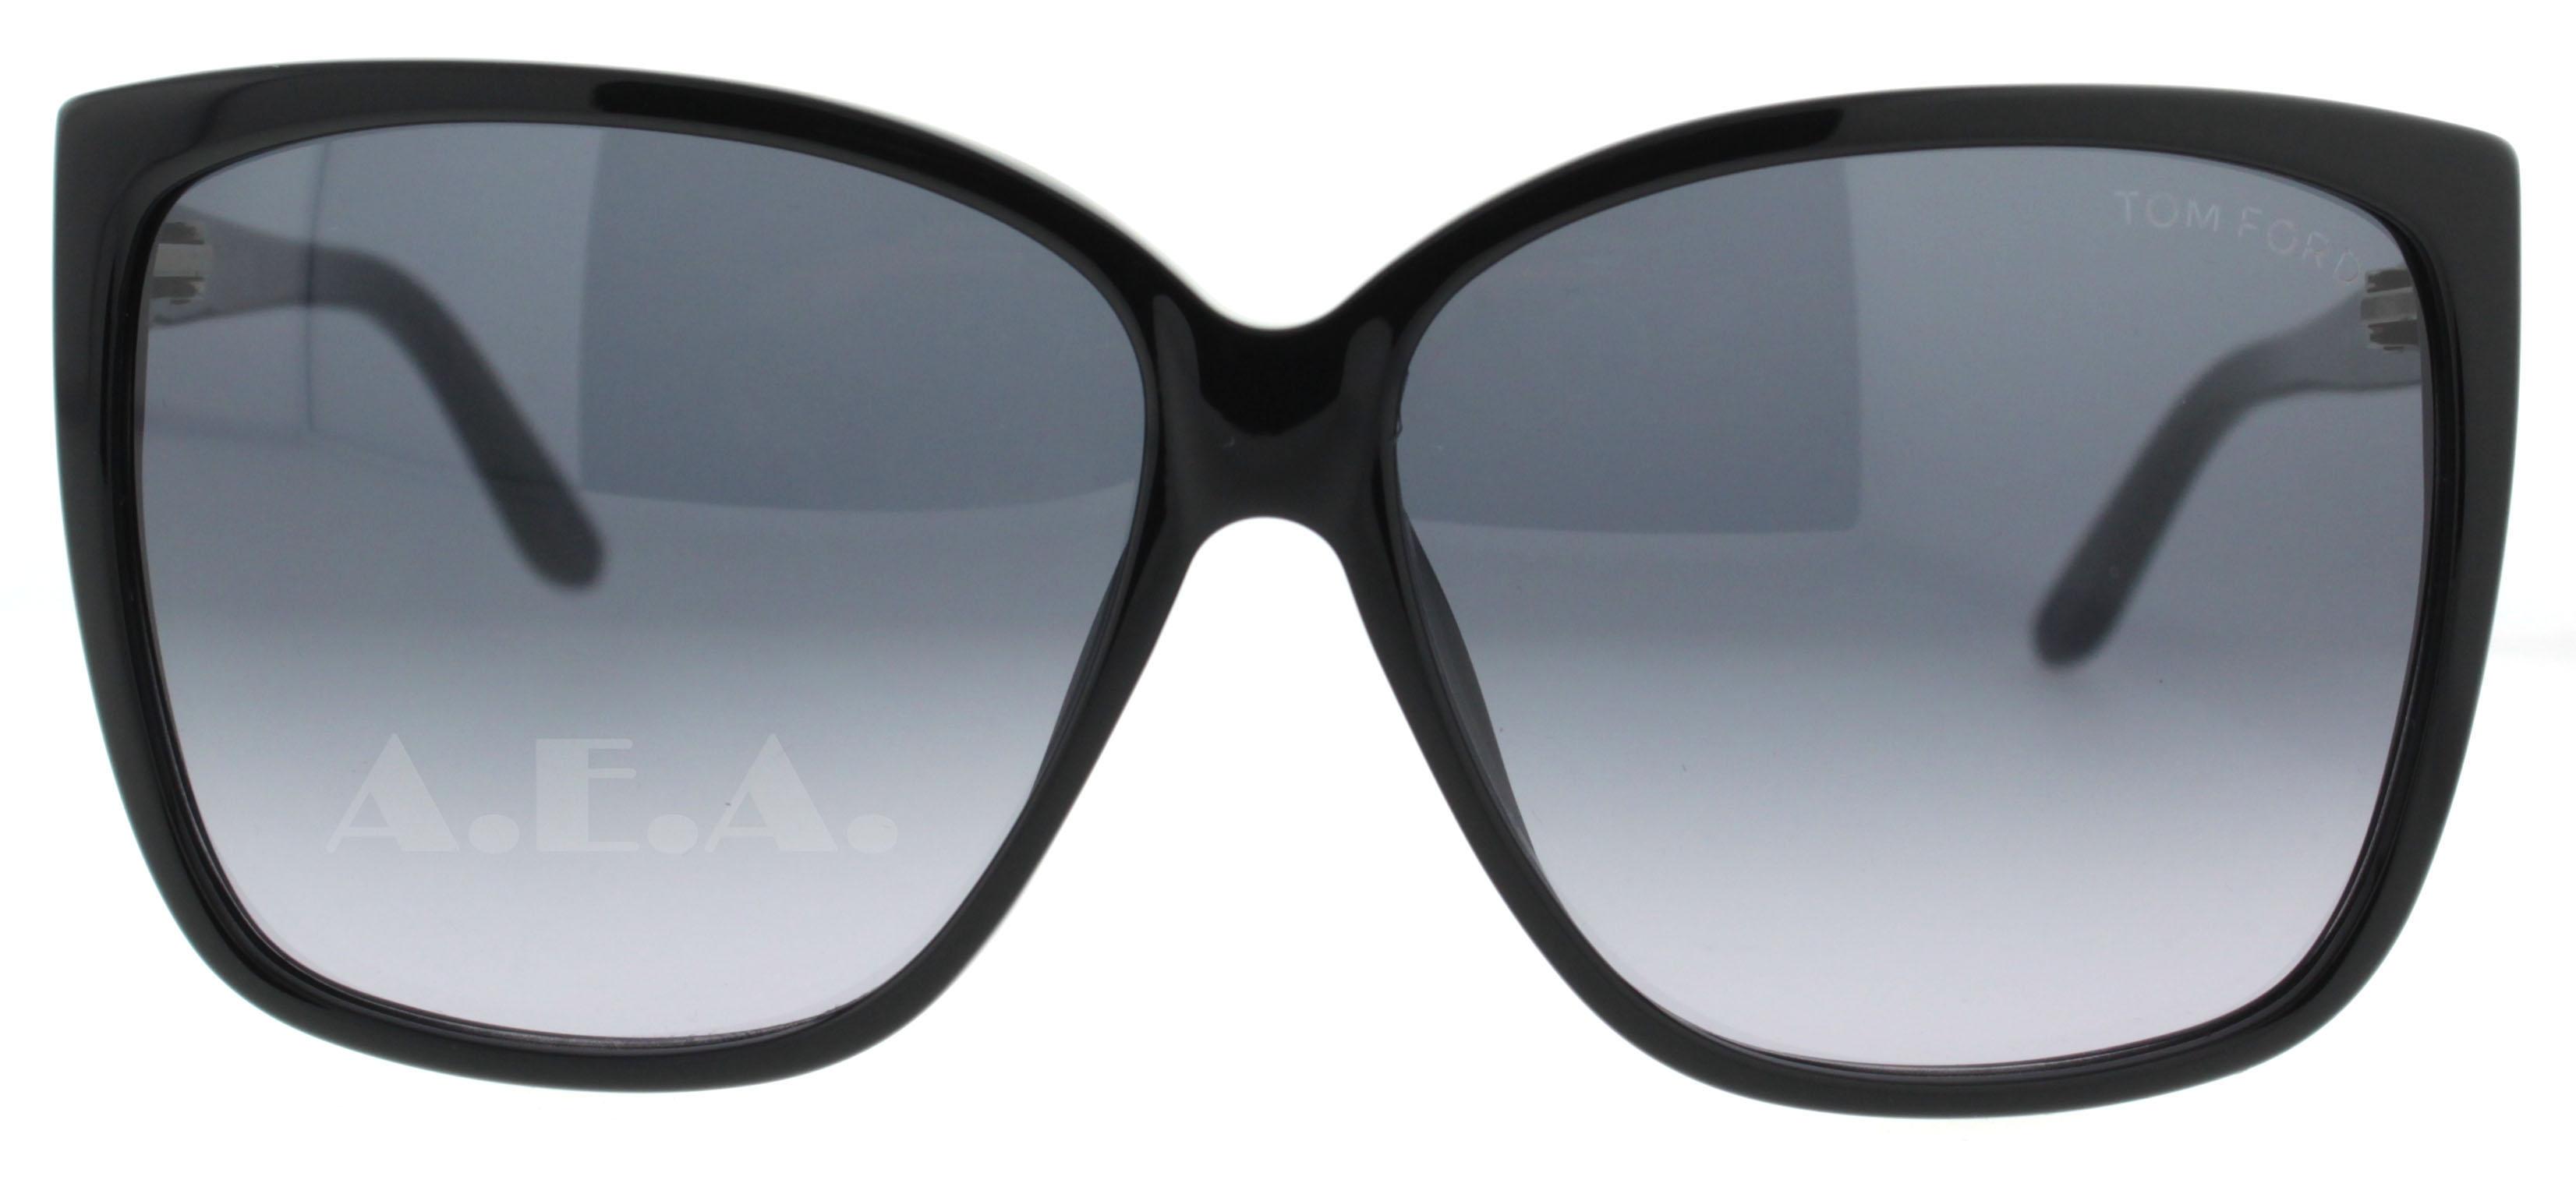 eyewear online store  name eyewear